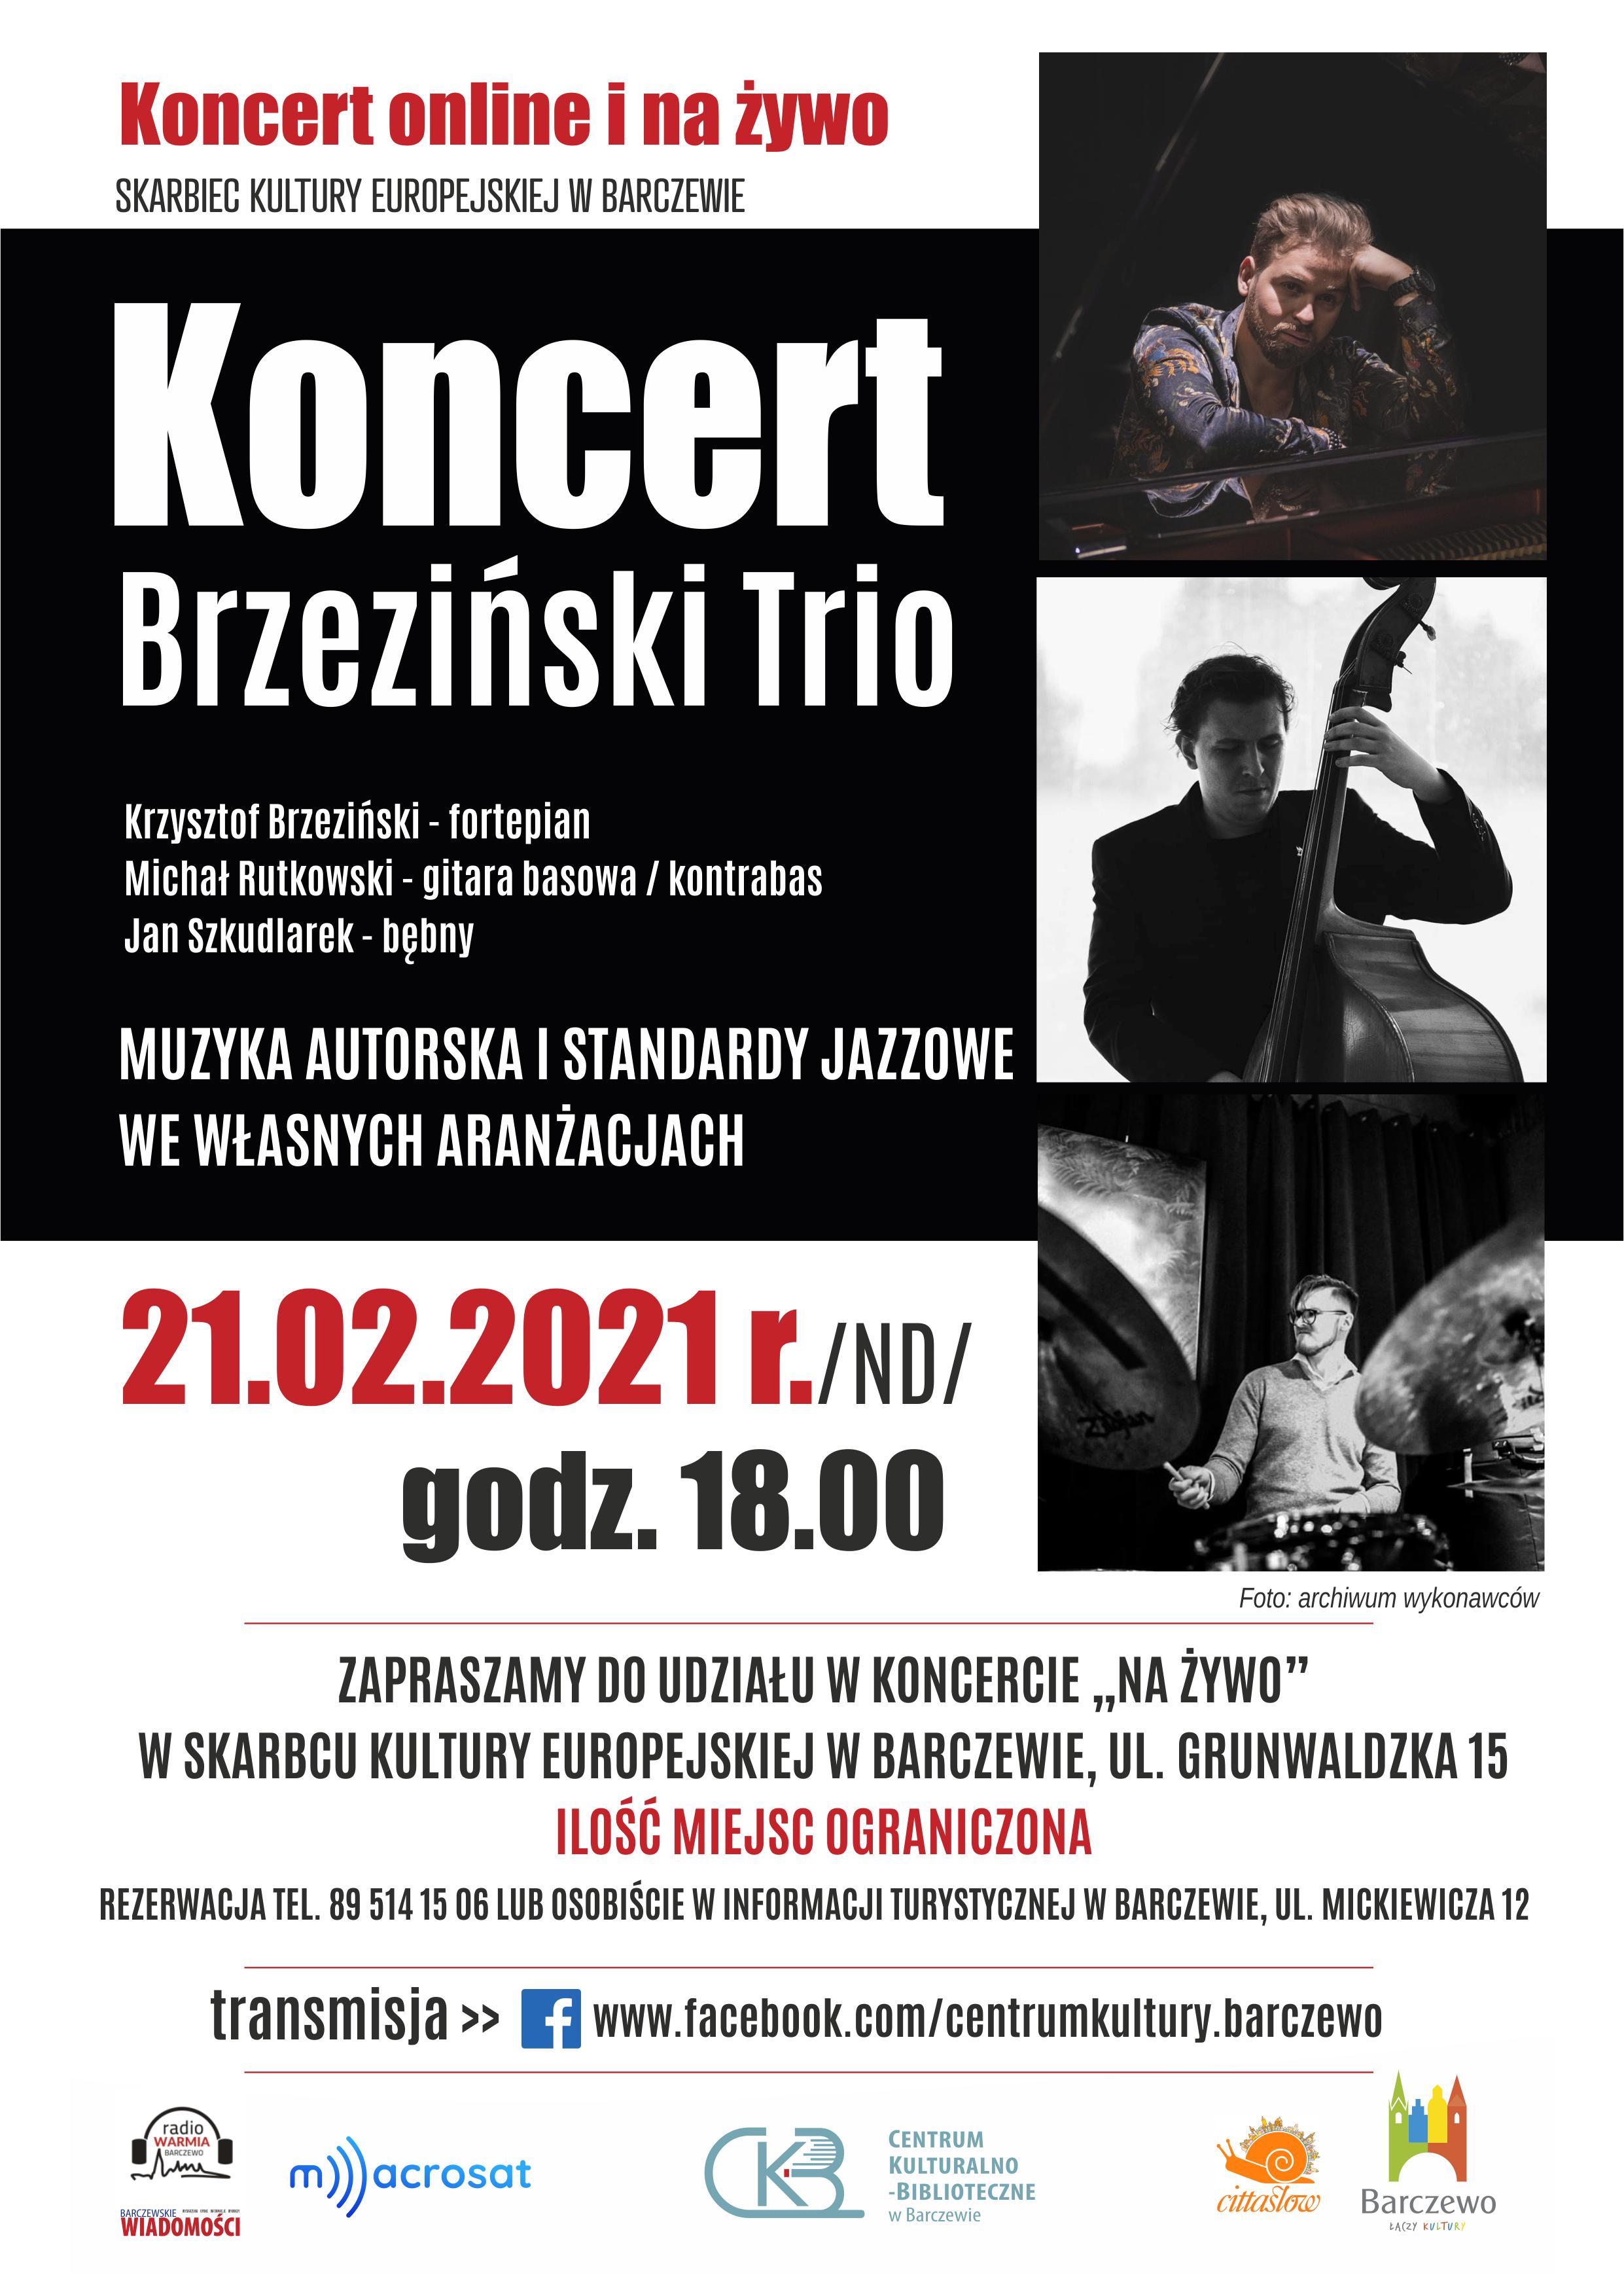 Koncert Brzeziński Trio